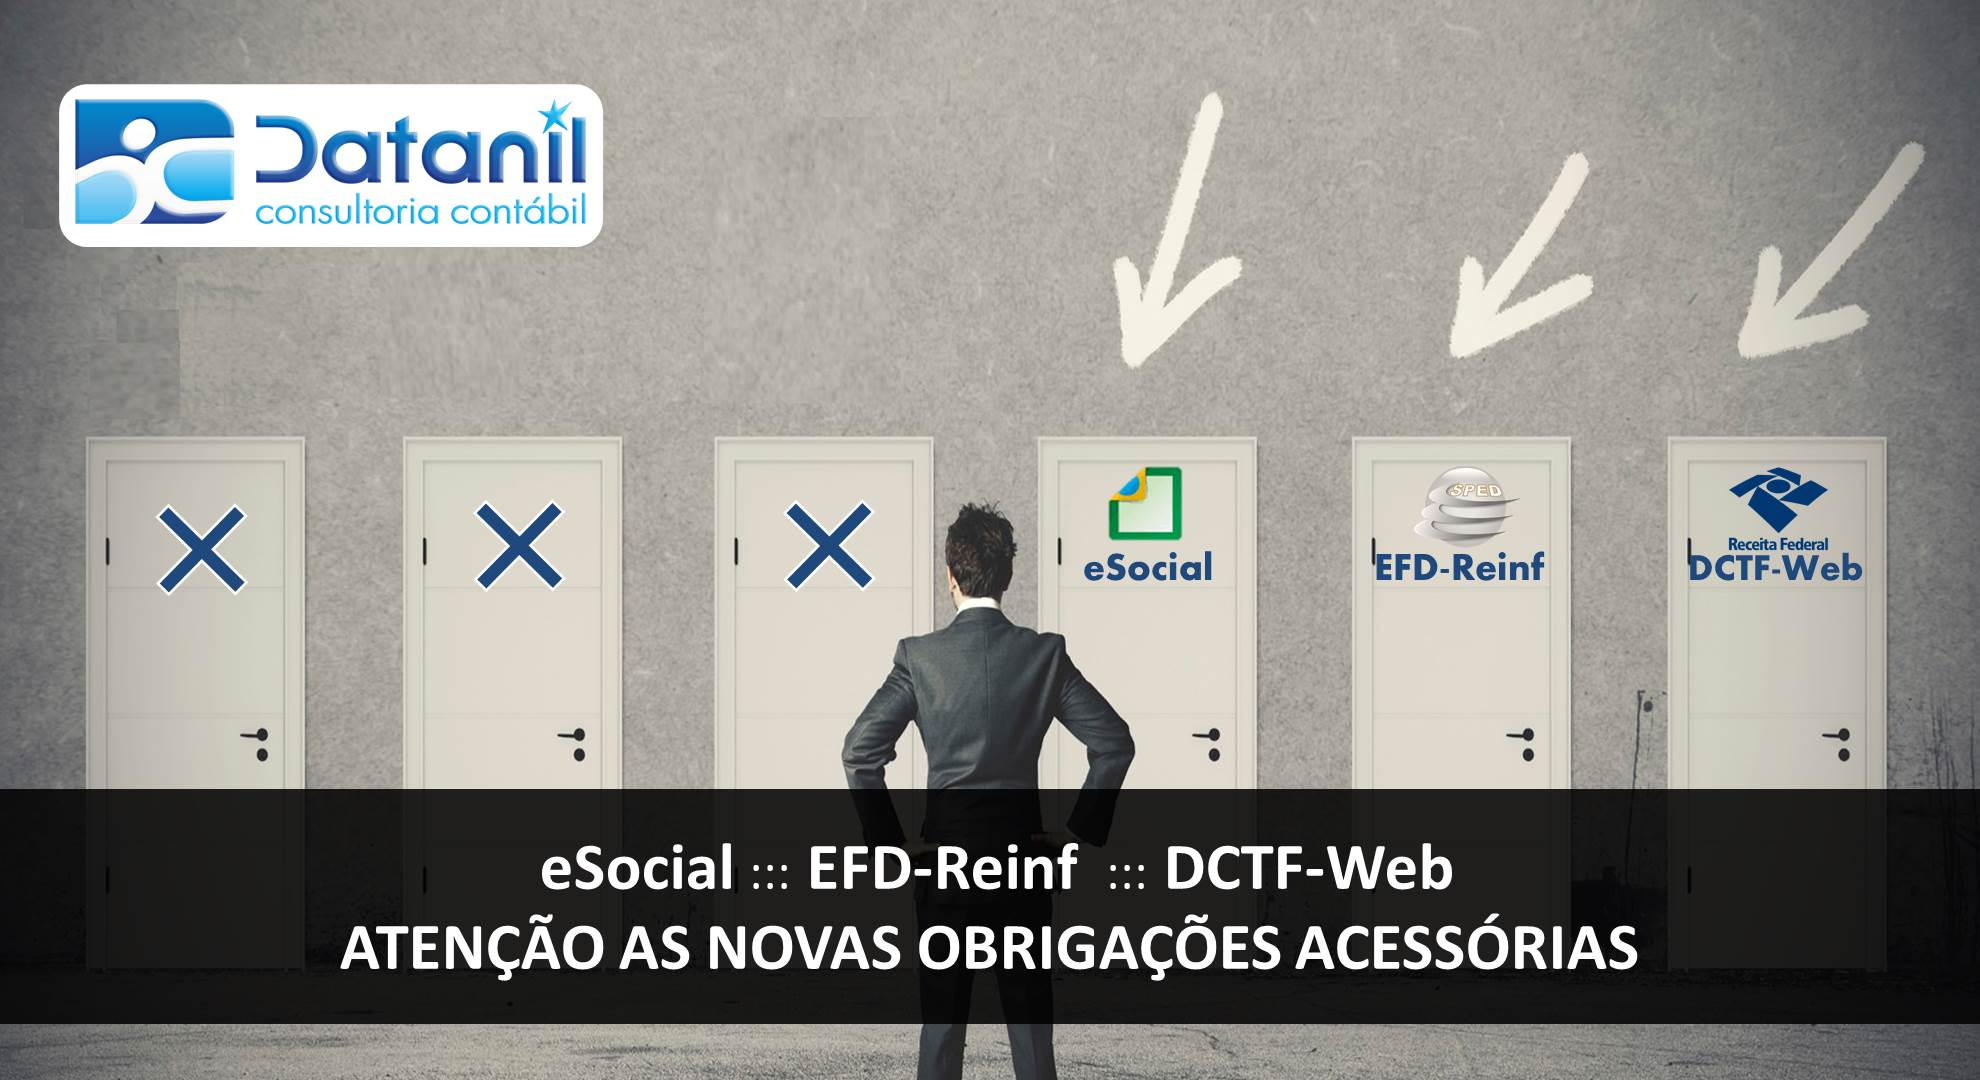 ::: E-Social ::: EFD-Reinf ::: DCTF-Web :::